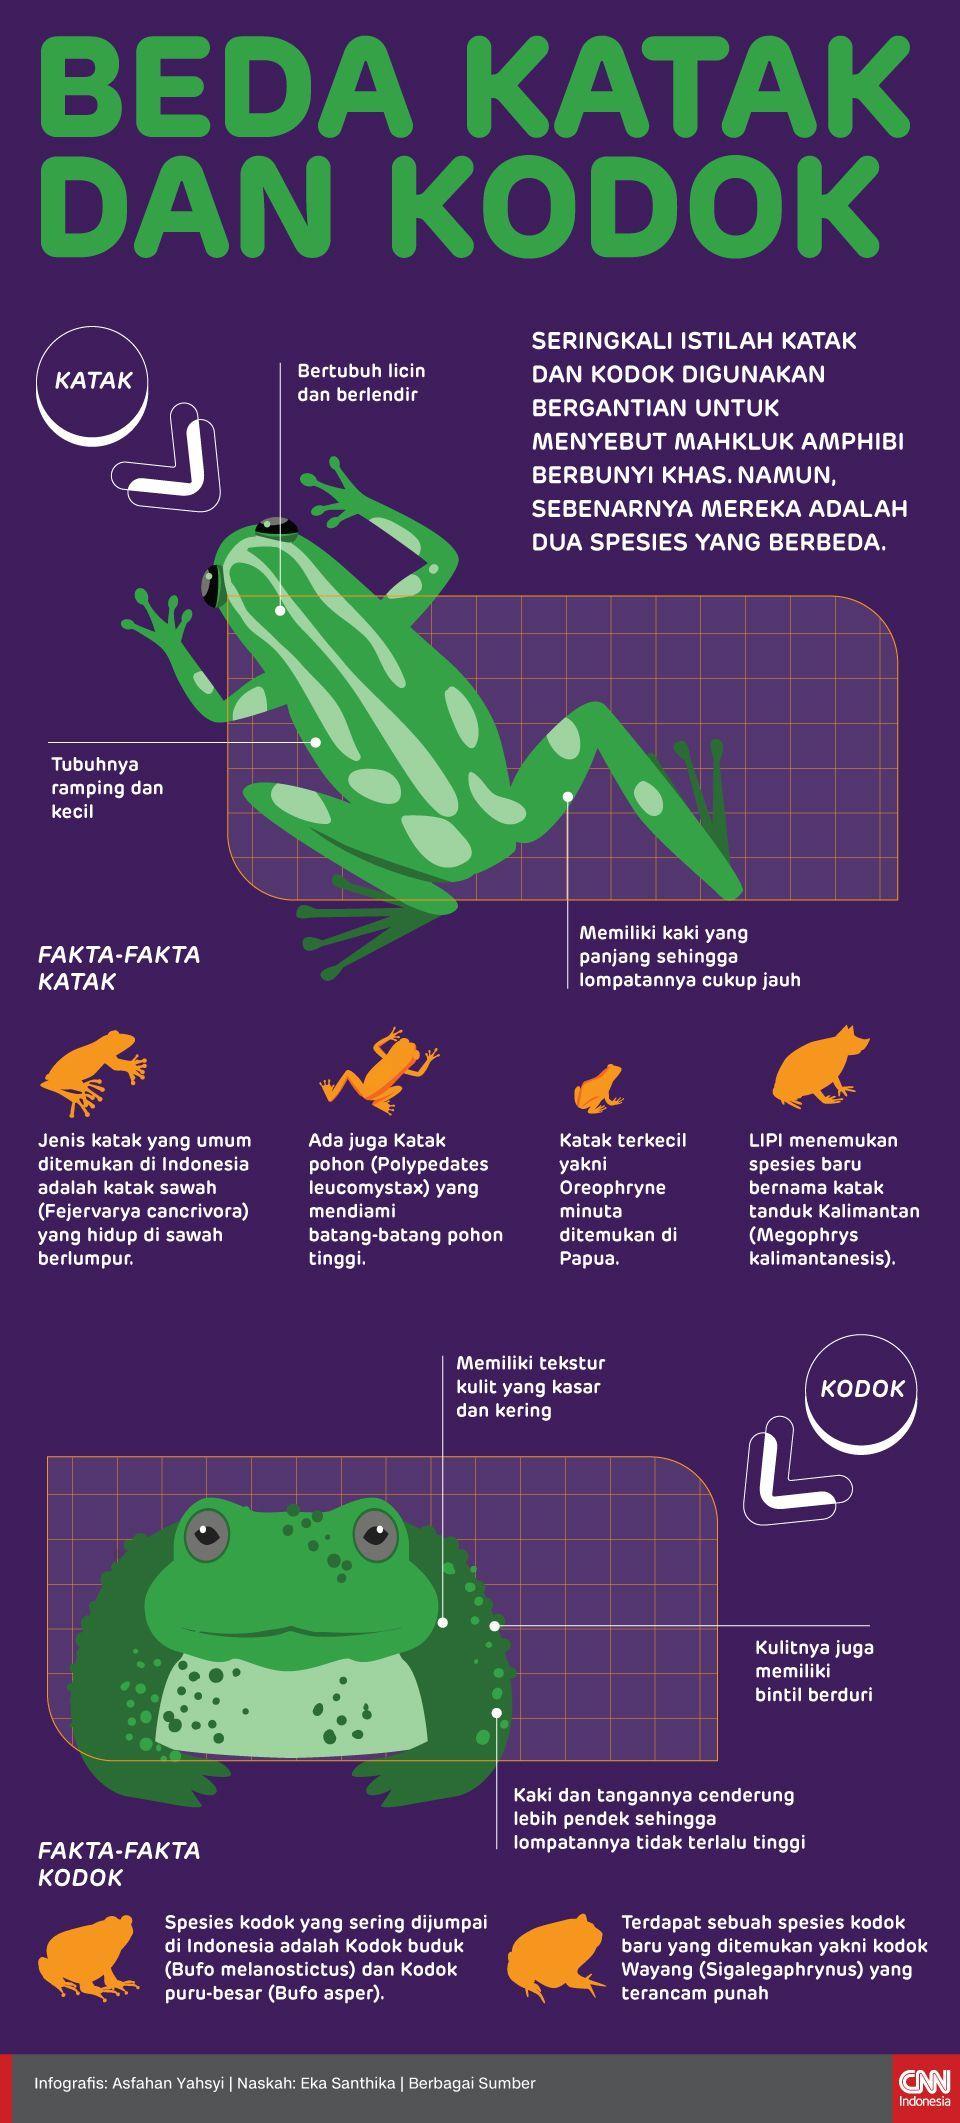 Infografis Beda Katak dan Kodok